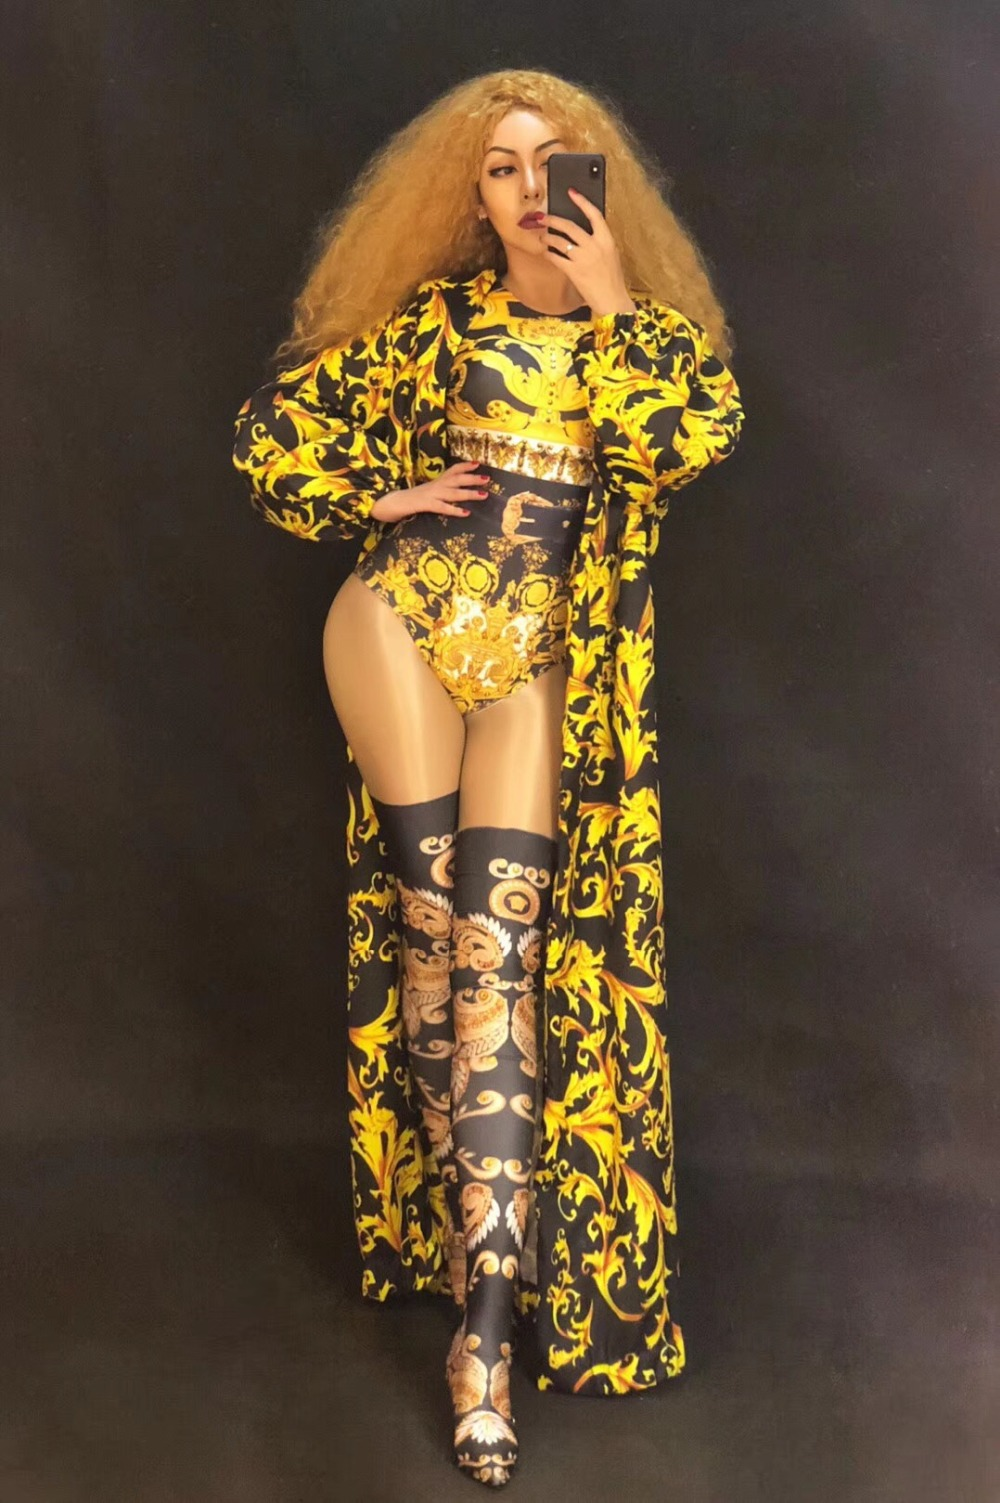 Imprimé bodysuit Sexy Costume Salopette Bodysuit Nightclub Body Porter Manteau Or amp; Chanteur Femelle Coat 3d Spectacle Stage Long Femmes Ds Dj Danseur g4RAq40